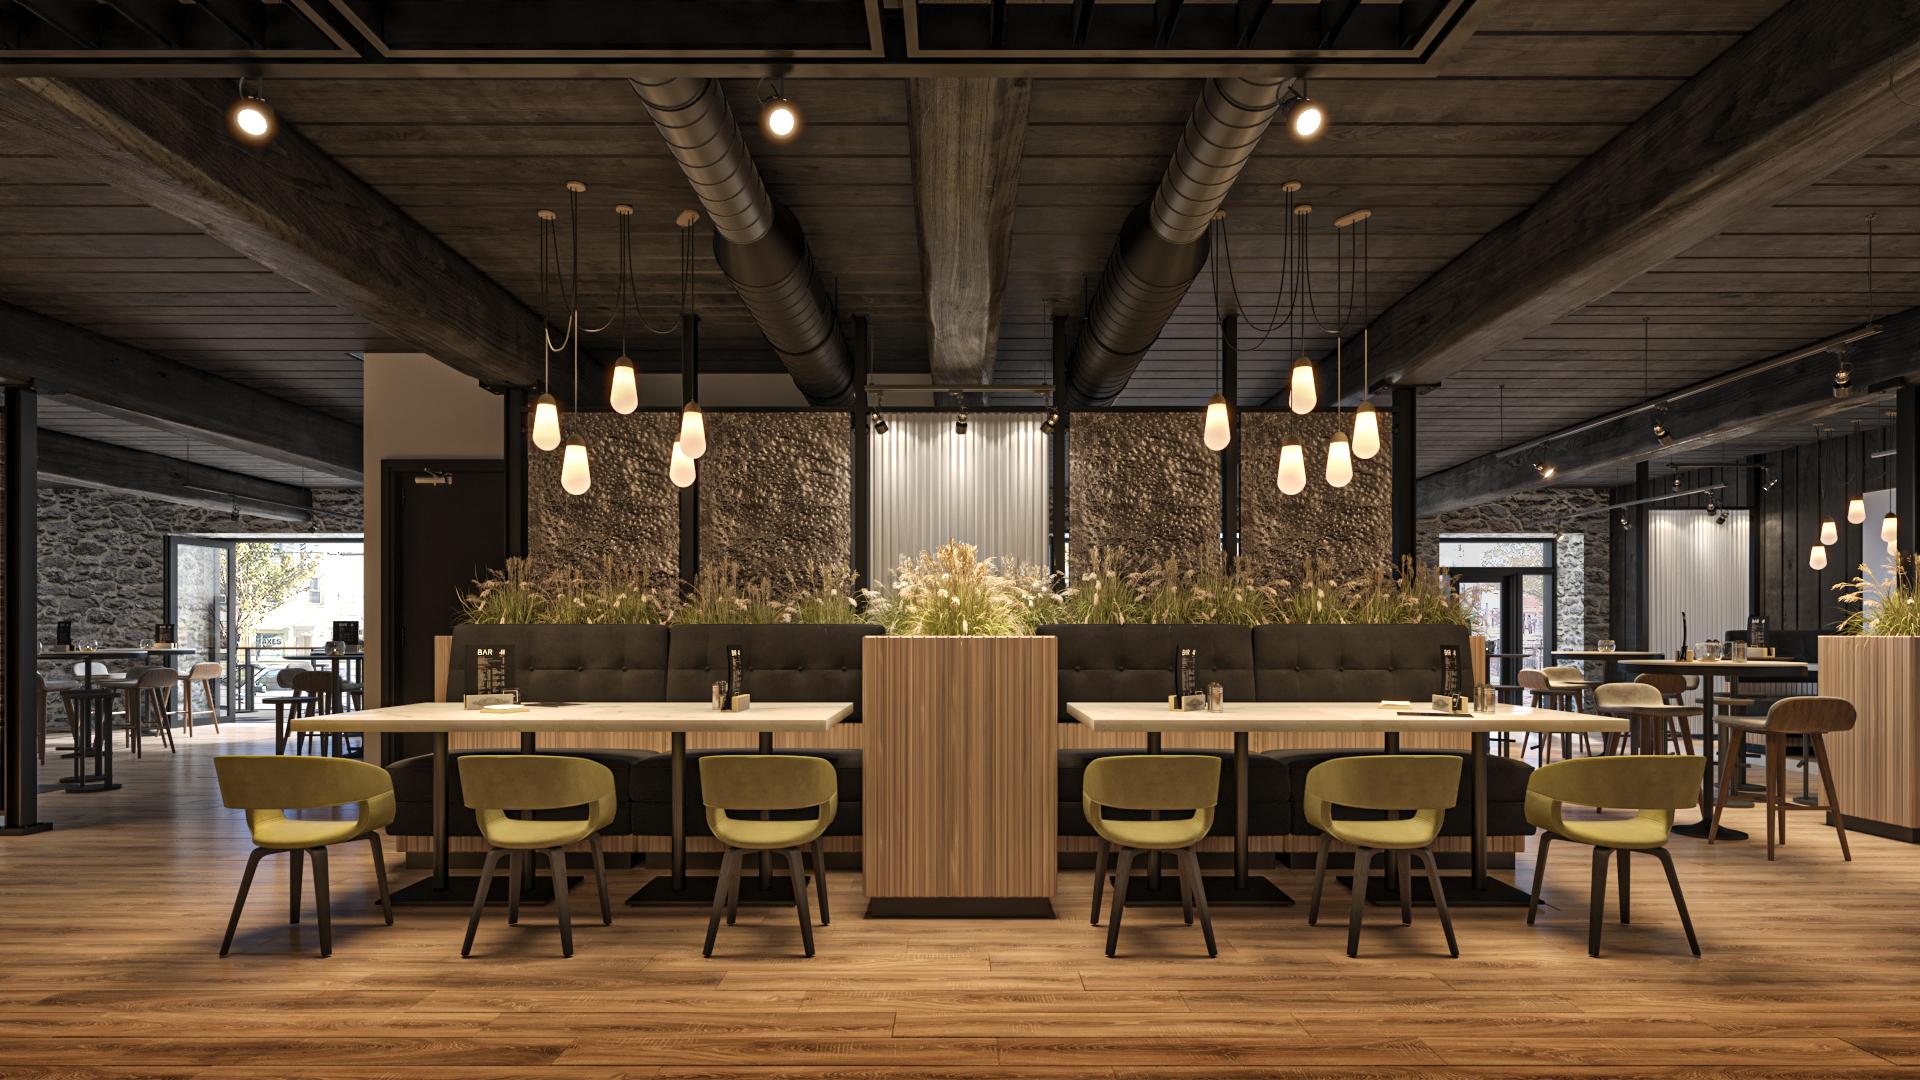 4100 Main Street_Still Rendering_Interior Bar Cam C_V0.1 Preview